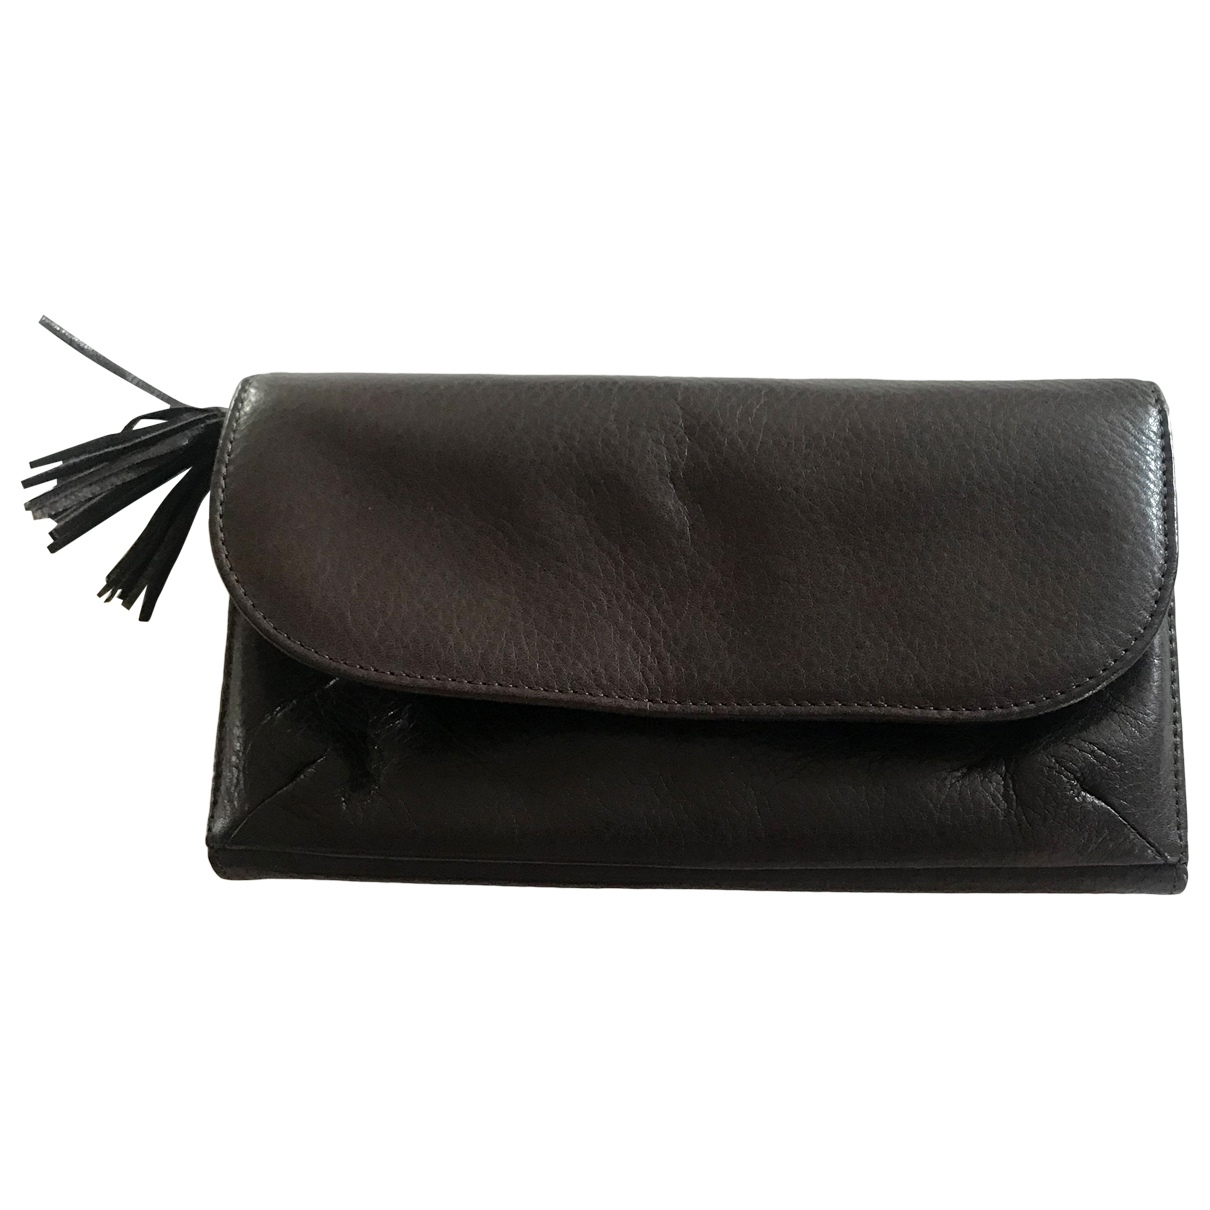 Sonia Rykiel \N Brown Leather wallet for Women \N